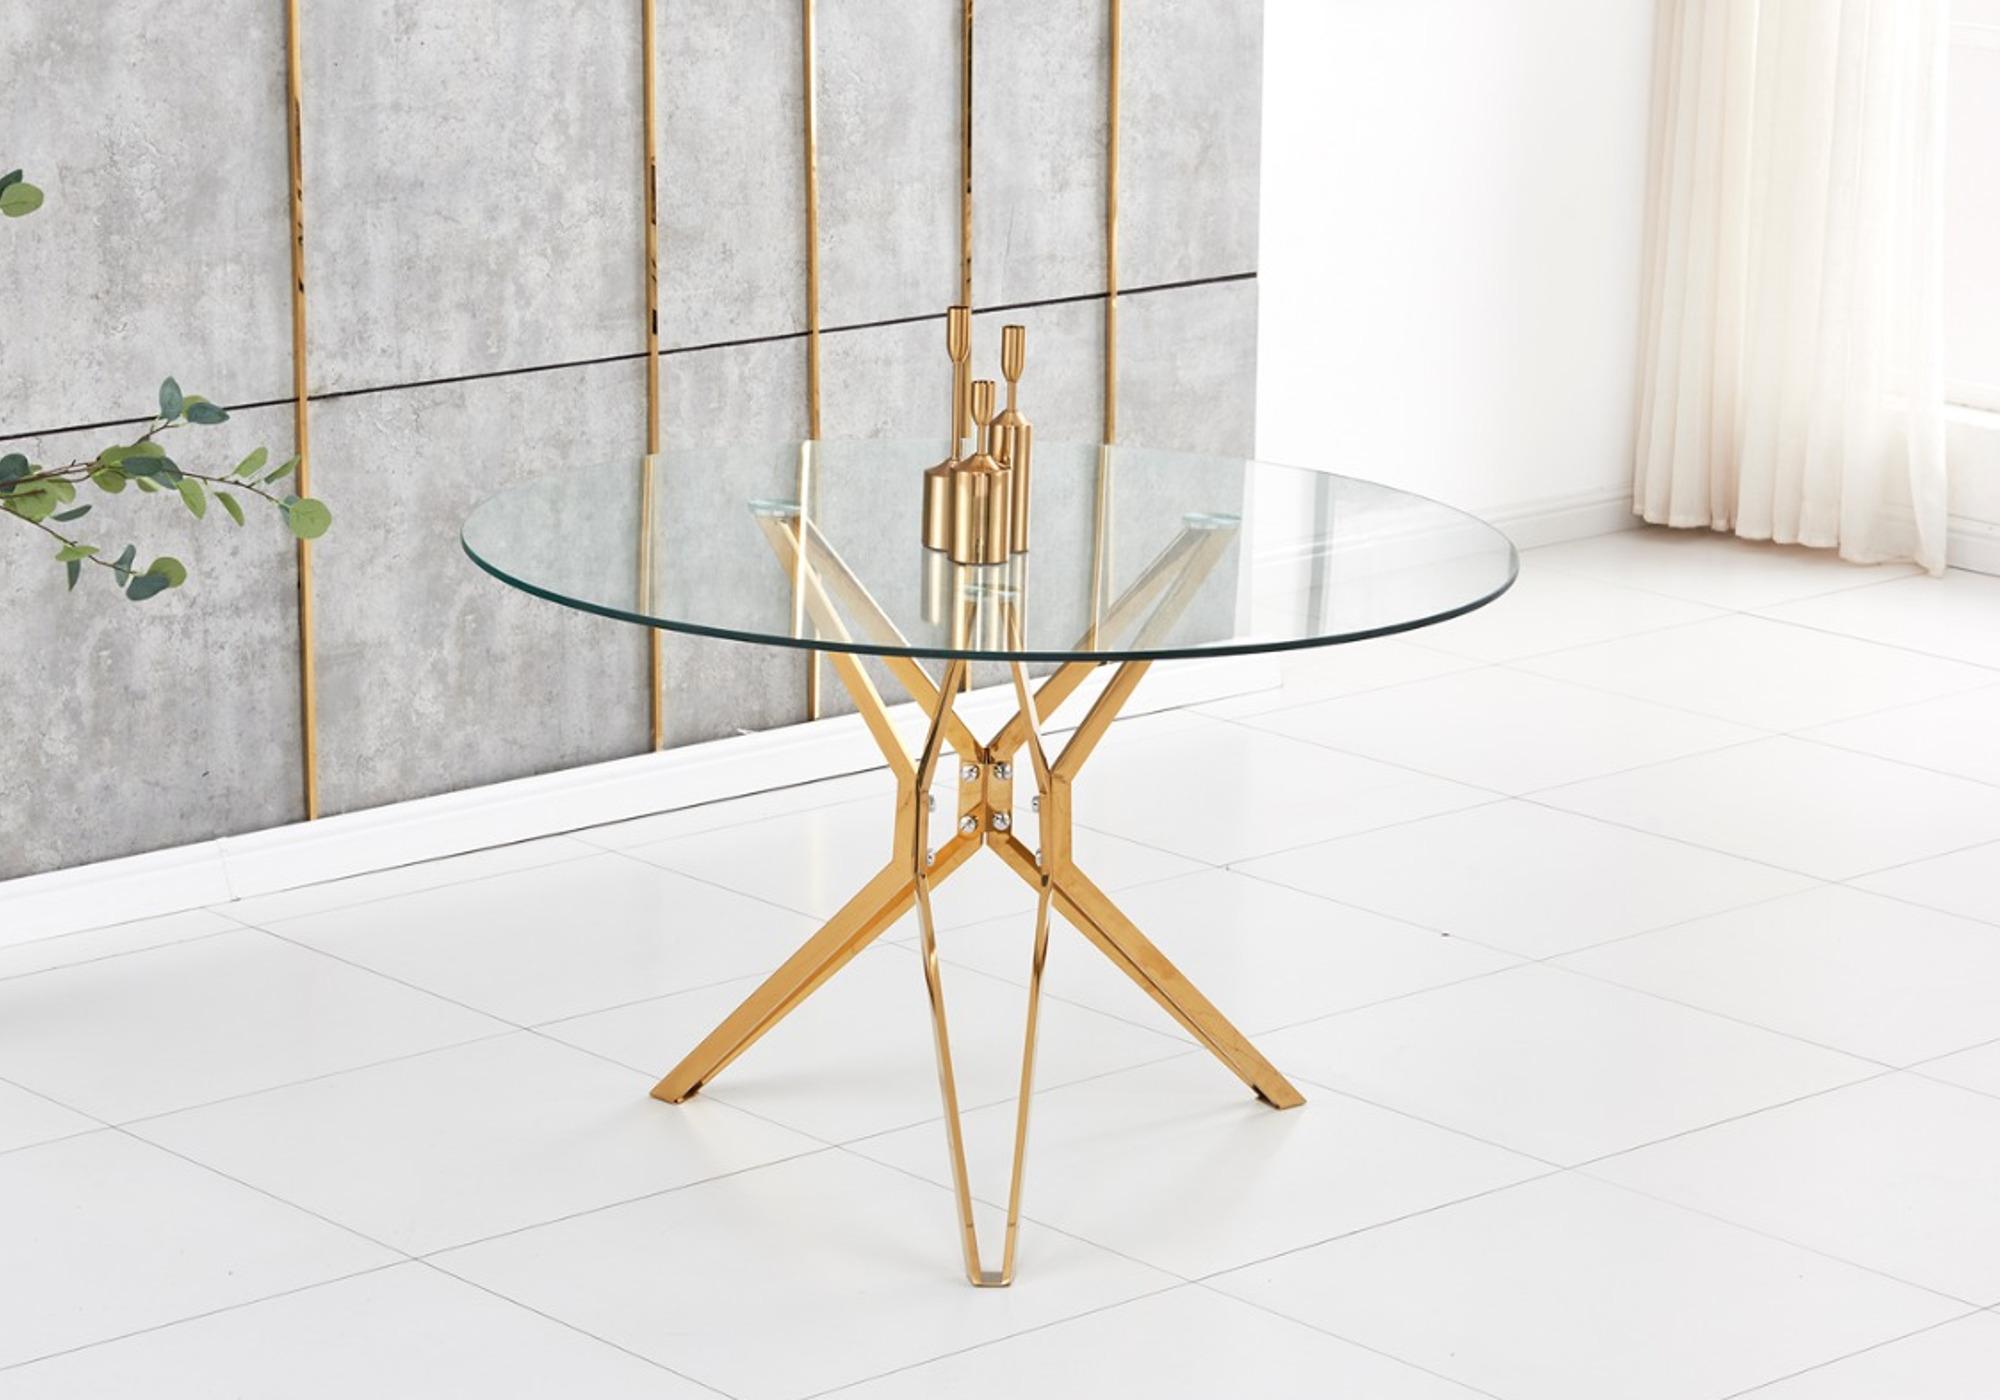 Table ronde doré verre trempé IVA